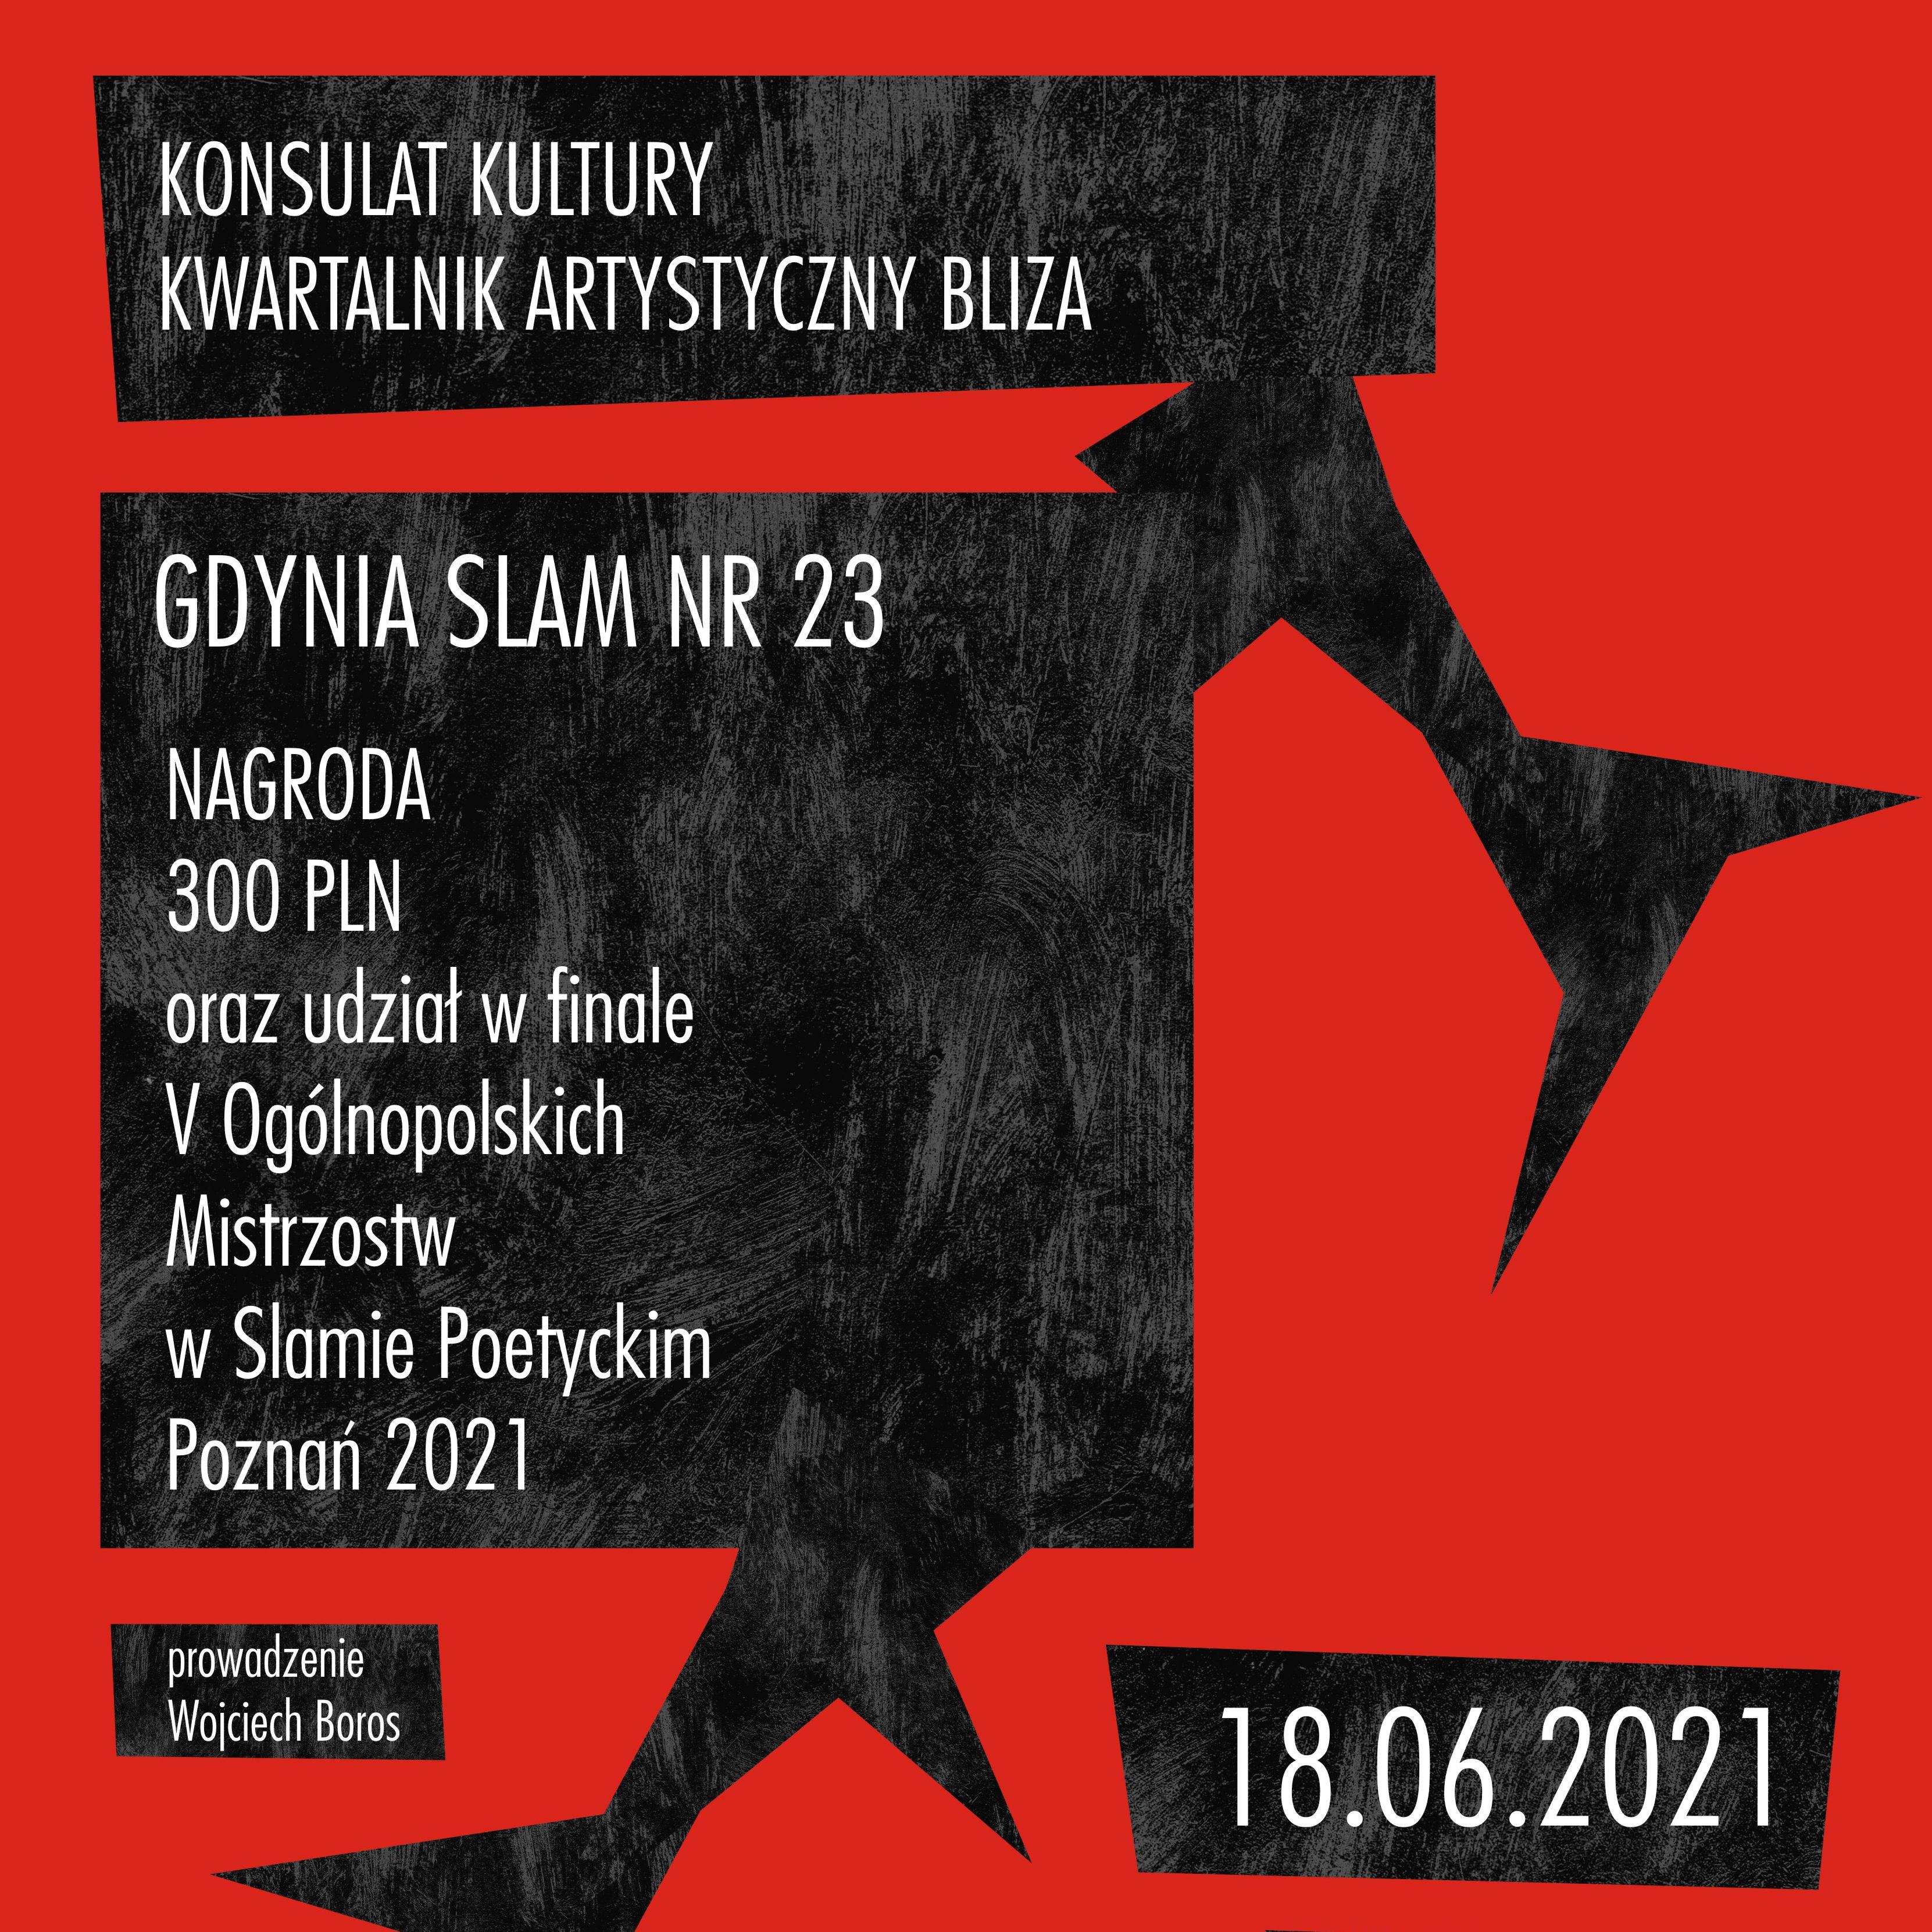 Gdynia Slam nr 23